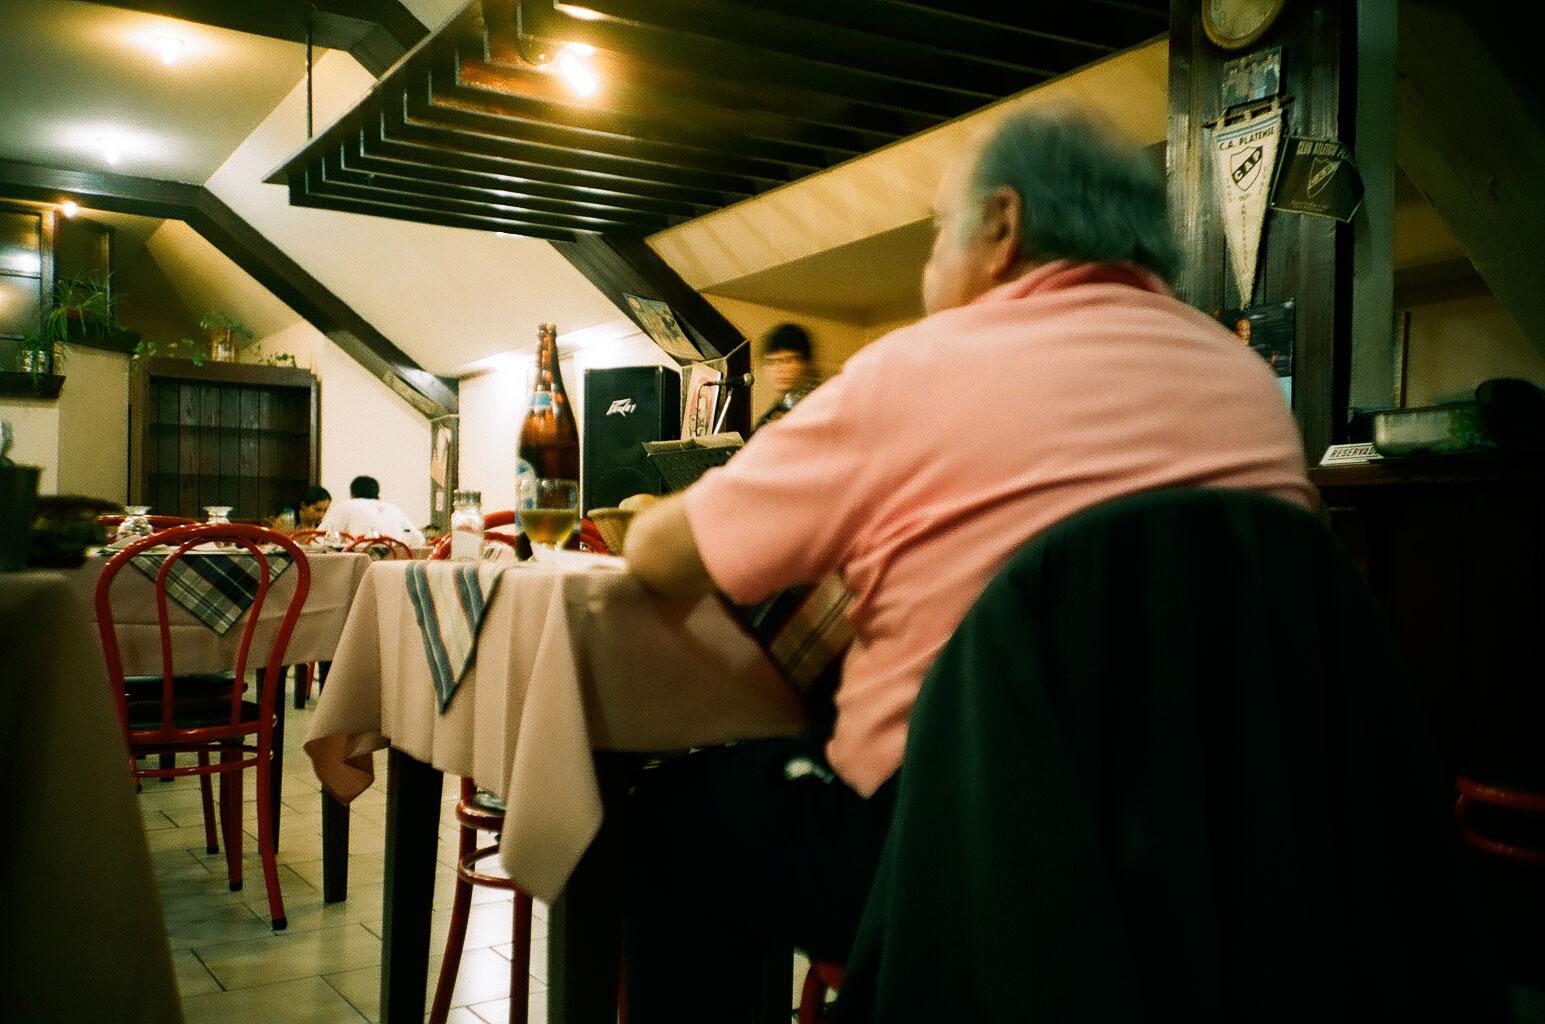 Abendessen in einer Parrilla, einem argentinischen Grill-Restaurant, in dem vor allem Berge von Fleisch und guter argentinischer Wein serviert werden. Foto: Lothar Ruttner